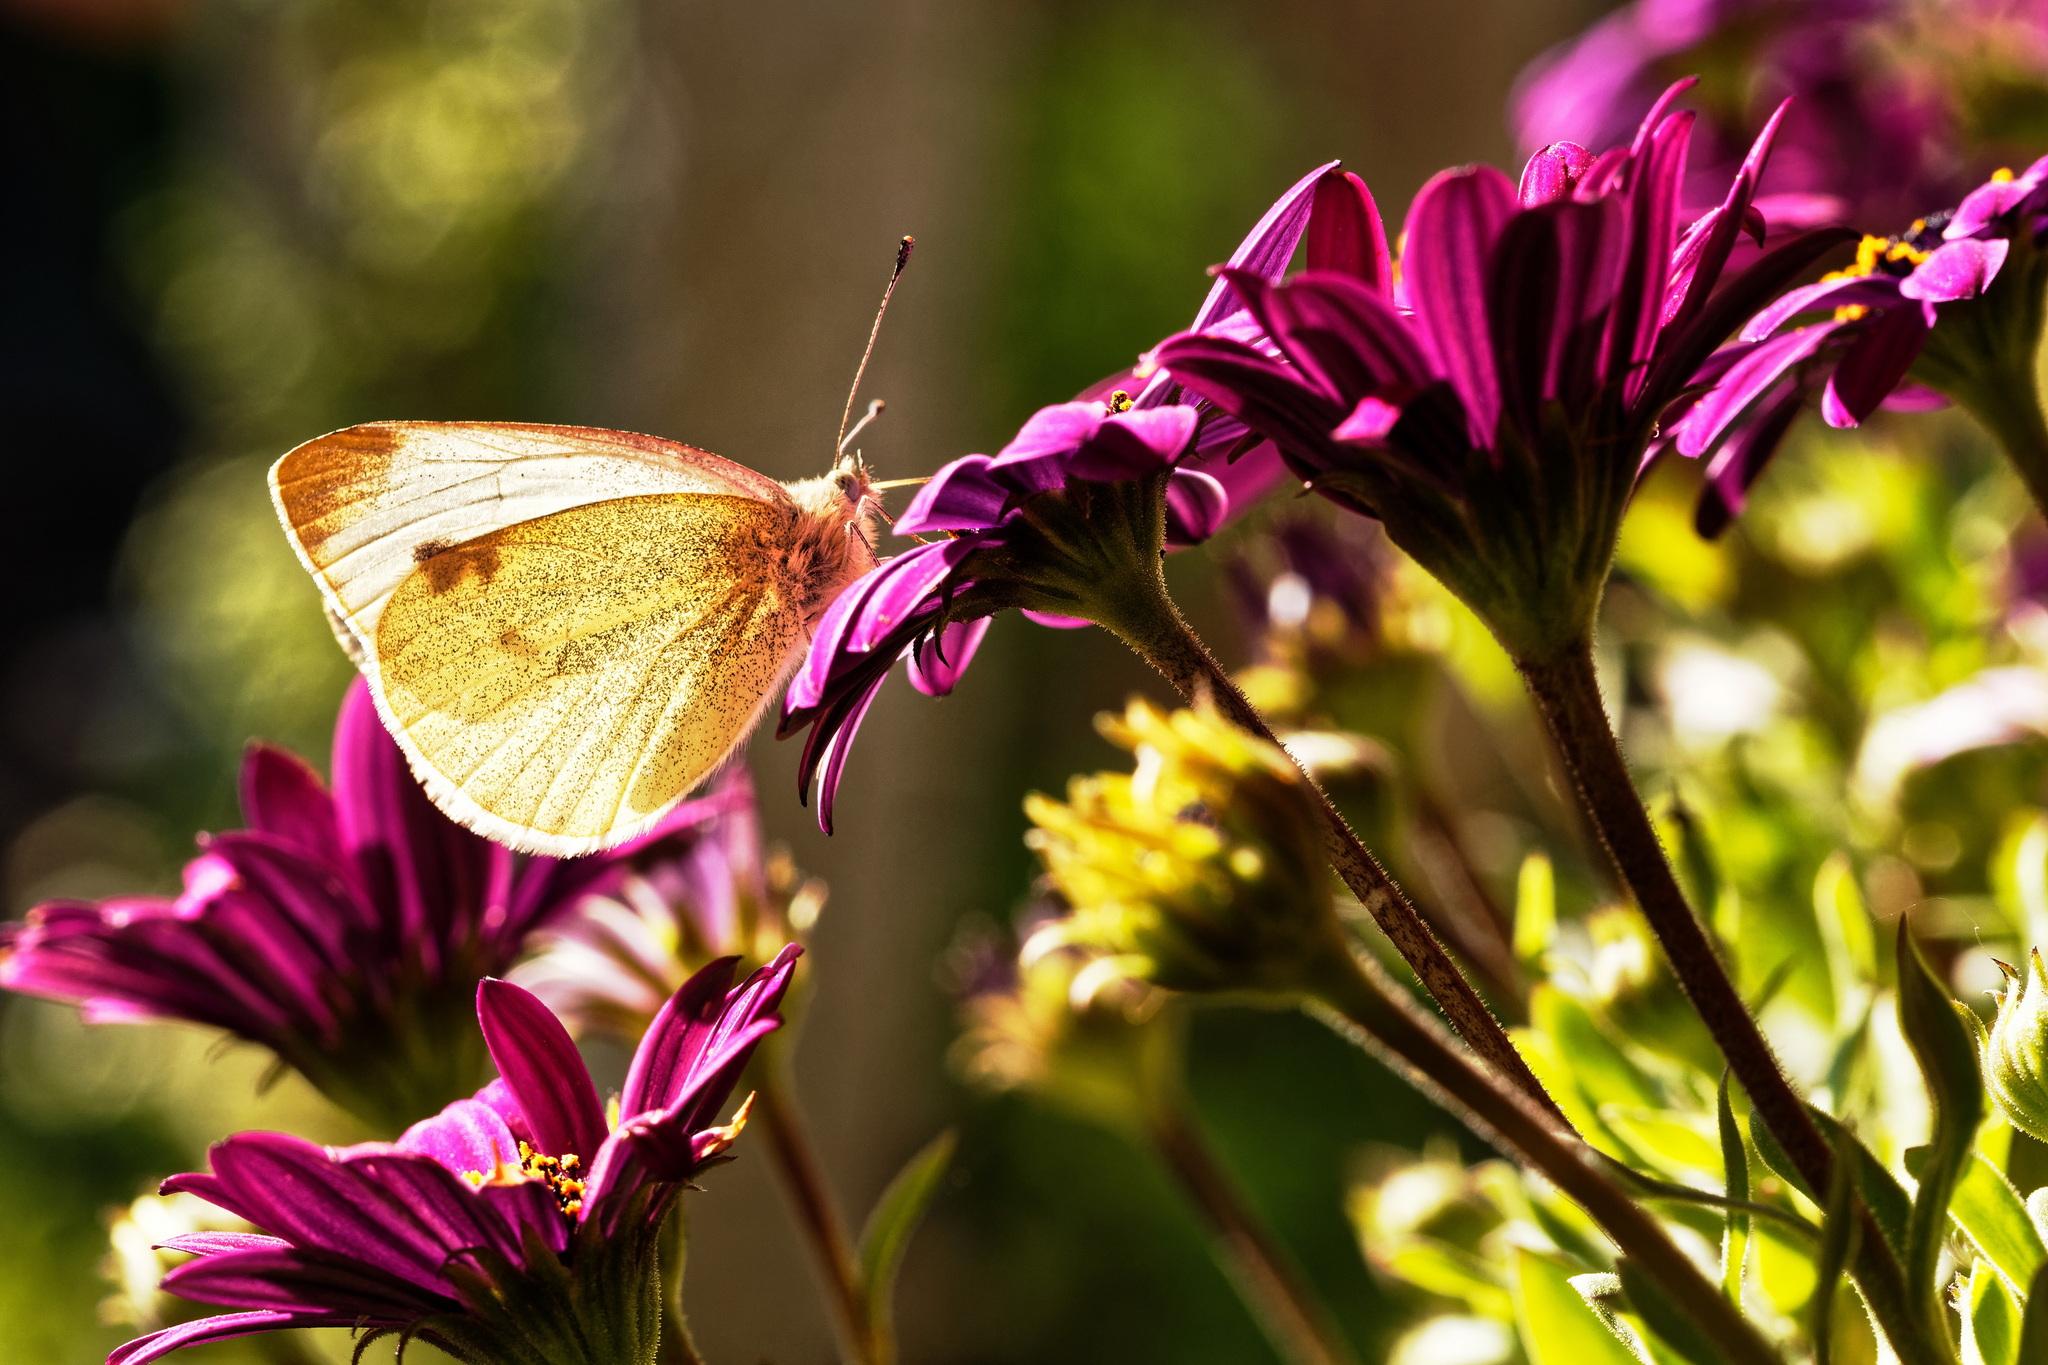 Schmetterling am späten Nachmittag II